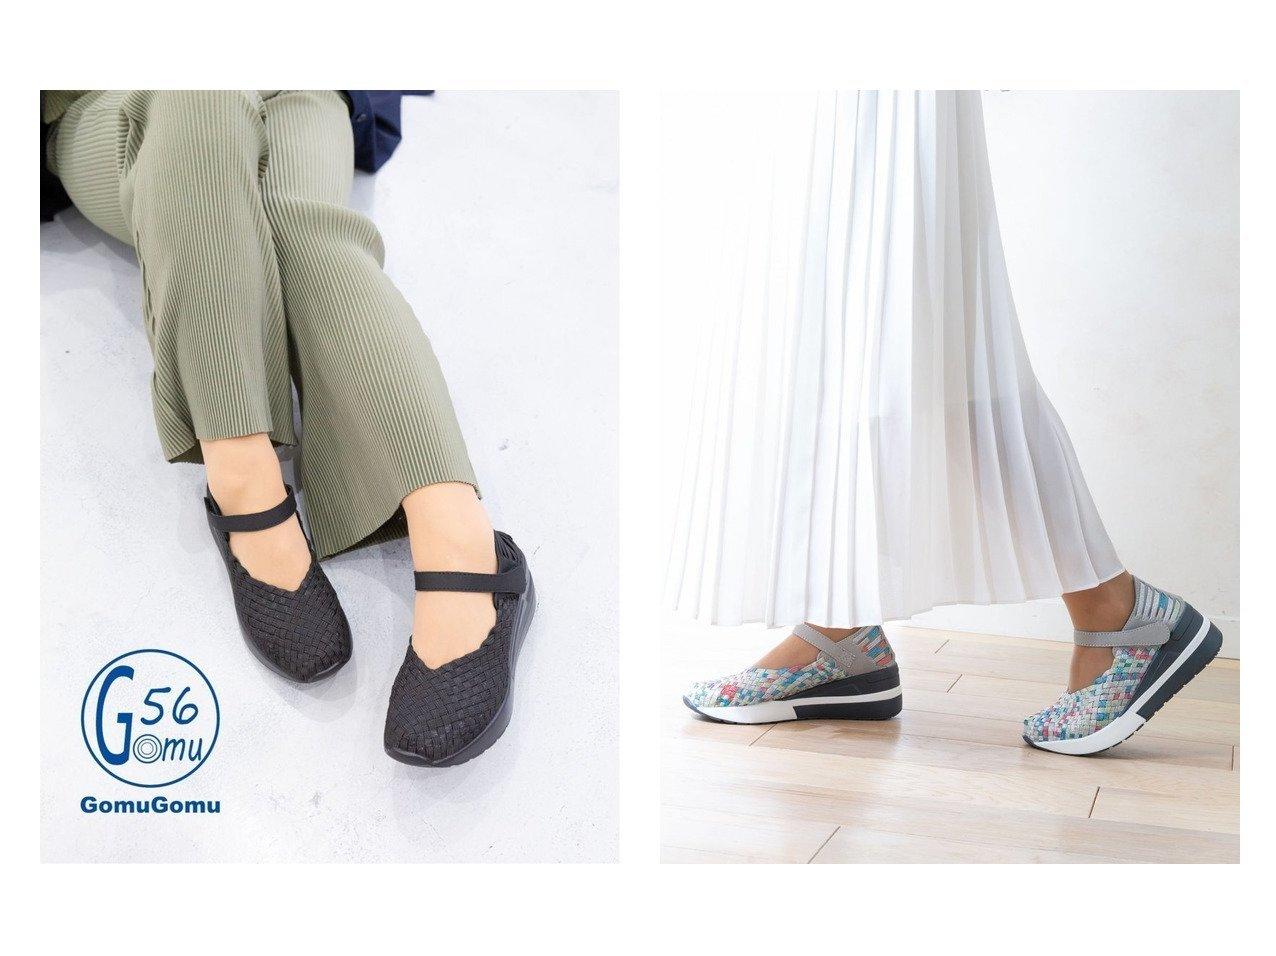 【GomuGomu/ゴムゴム】のGomu56(ゴムゴム)厚底ウェッジソールストラップシューズ シューズ・靴のおすすめ!人気、トレンド・レディースファッションの通販 おすすめで人気の流行・トレンド、ファッションの通販商品 メンズファッション・キッズファッション・インテリア・家具・レディースファッション・服の通販 founy(ファニー) https://founy.com/ ファッション Fashion レディースファッション WOMEN シューズ ストラップシューズ 厚底 |ID:crp329100000023369